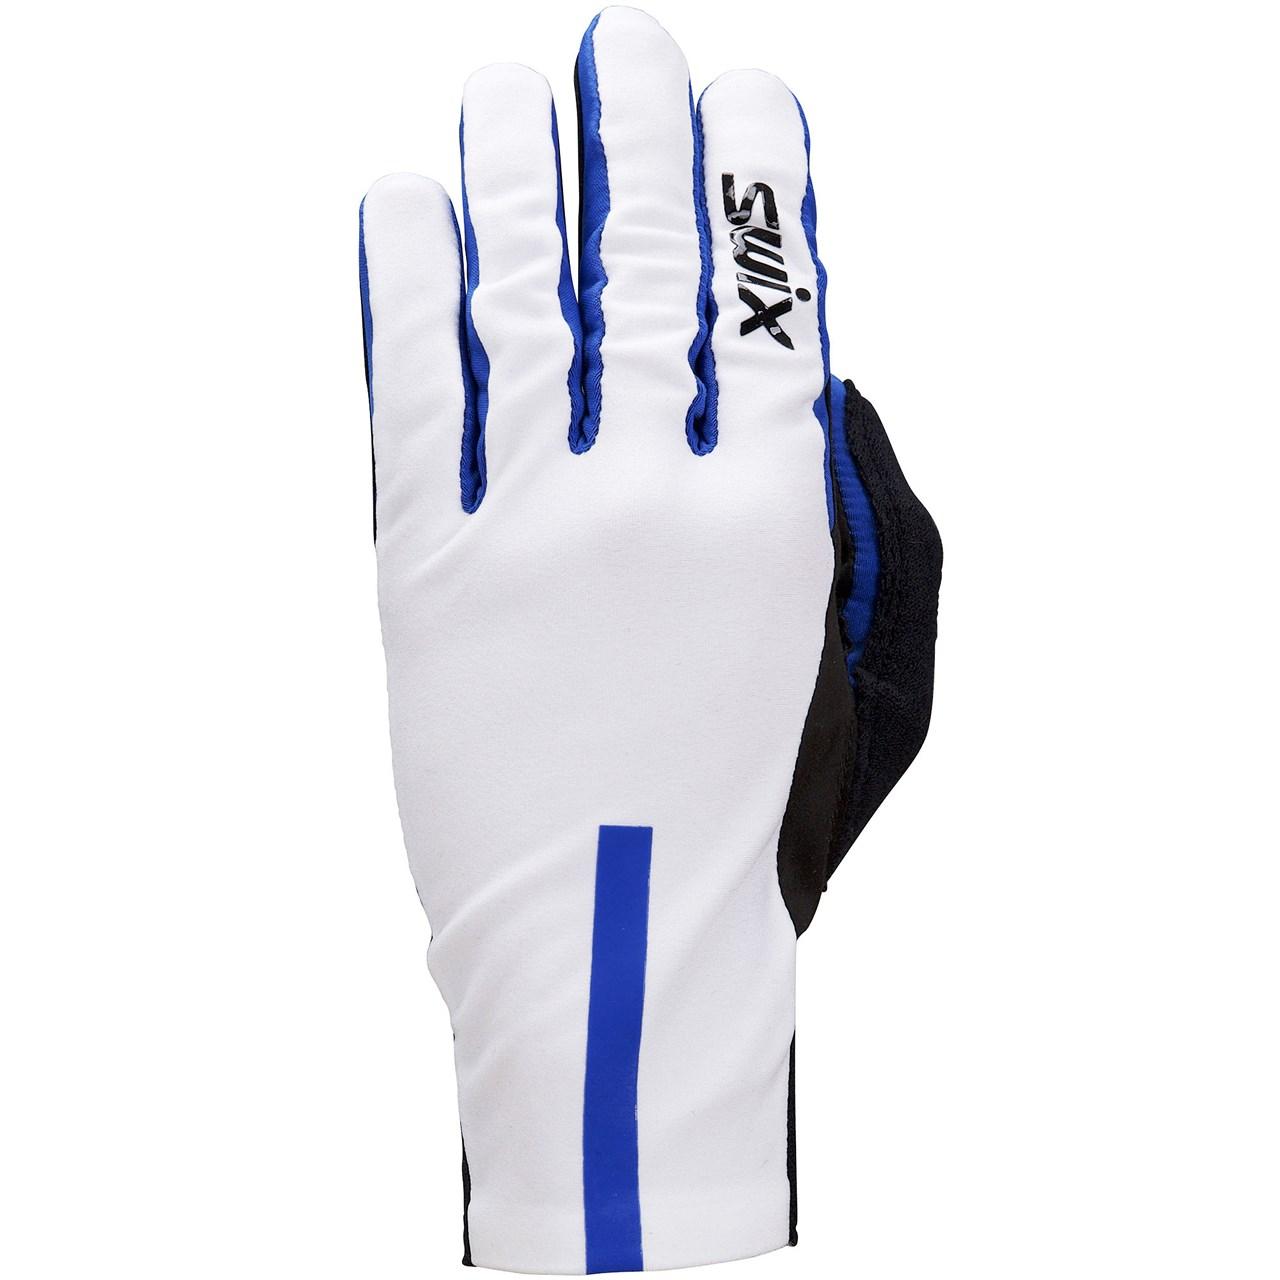 Triac 3.0 glove